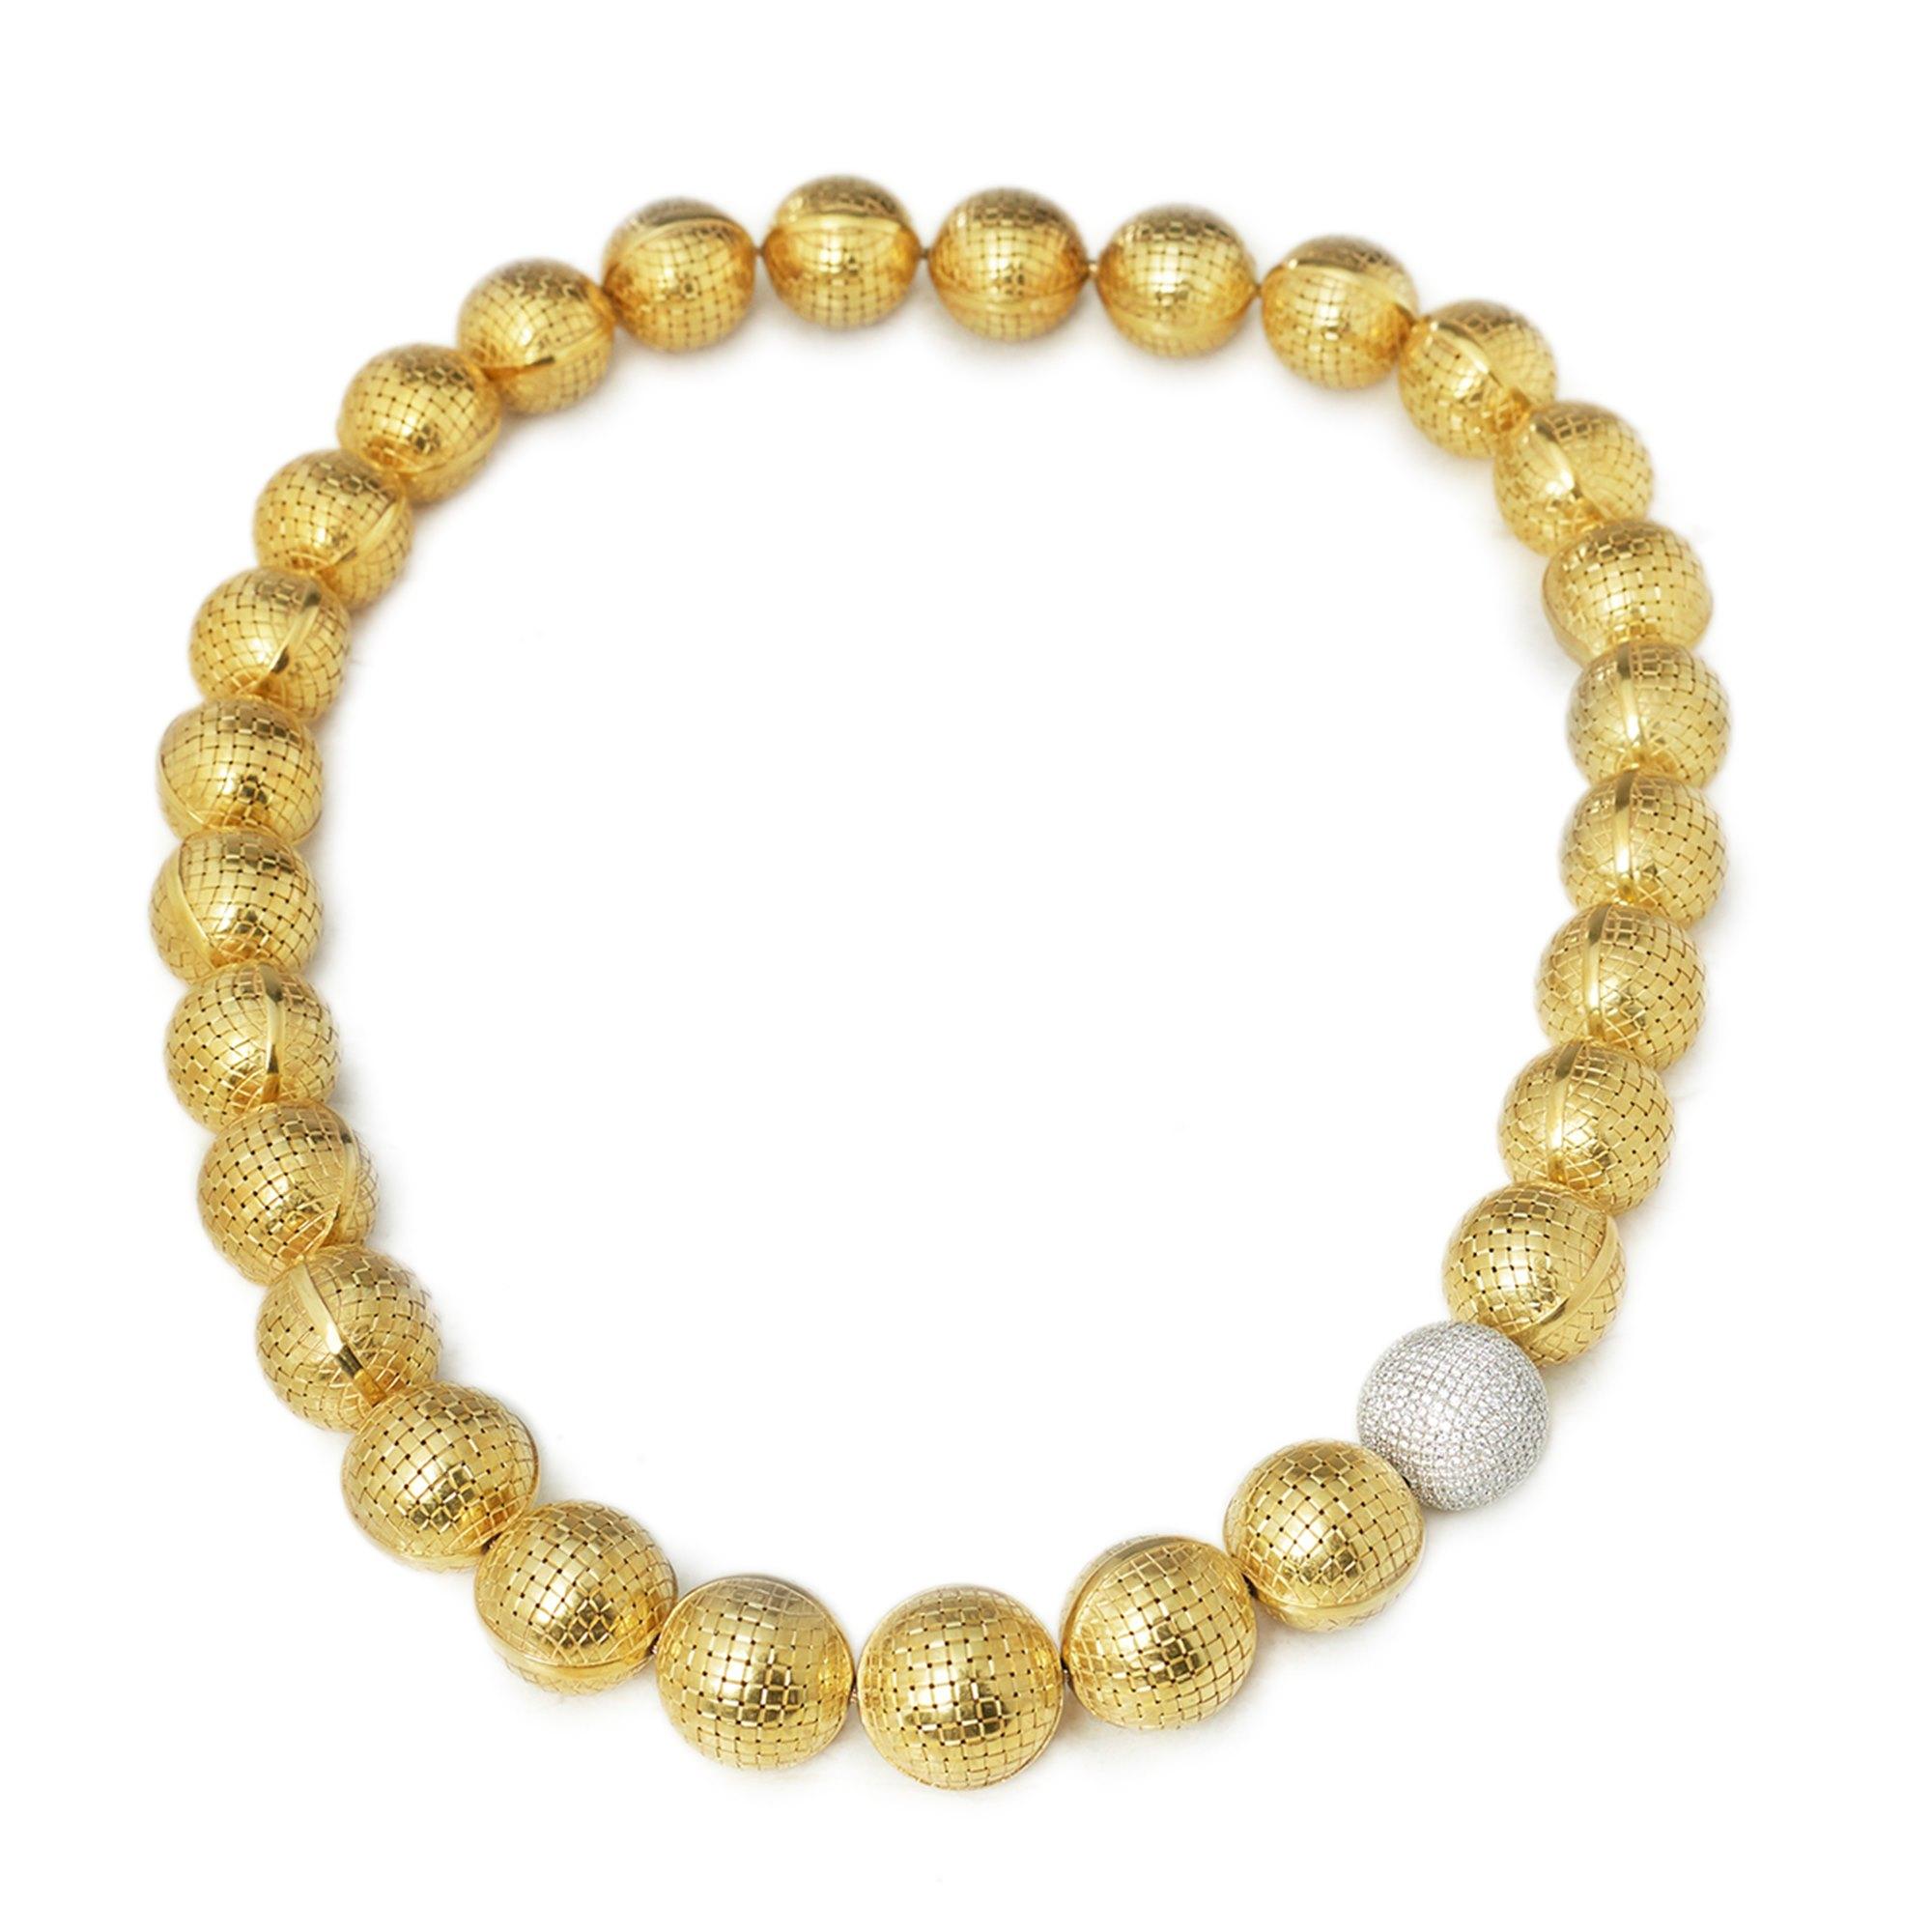 Bottega Veneta 18k Yellow & White Gold Diamond Sfera Statement Necklace